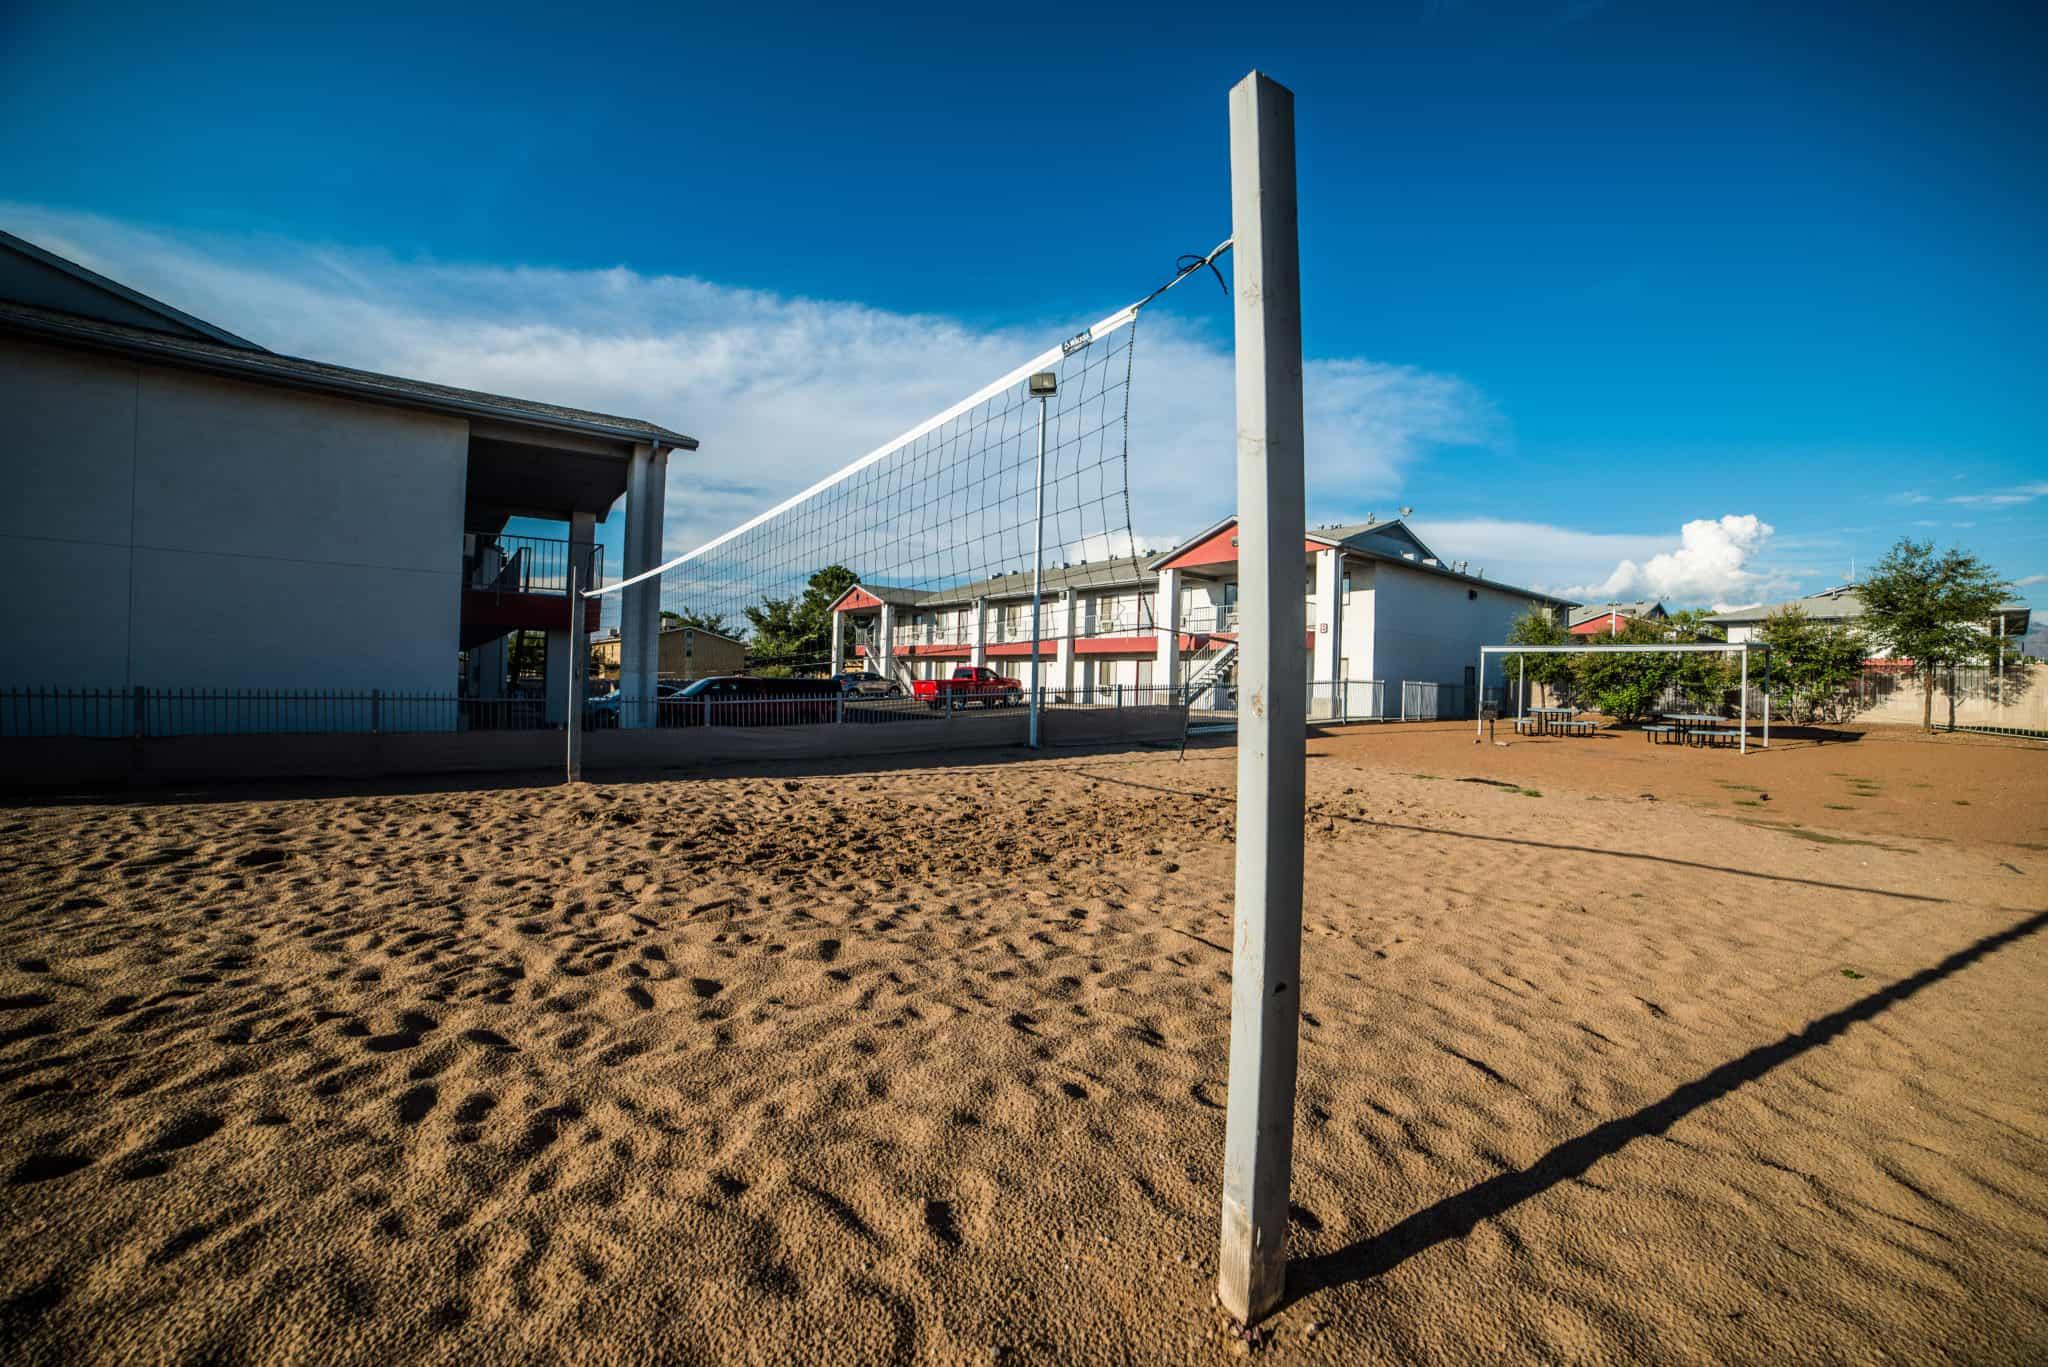 Omni Volleyball Court